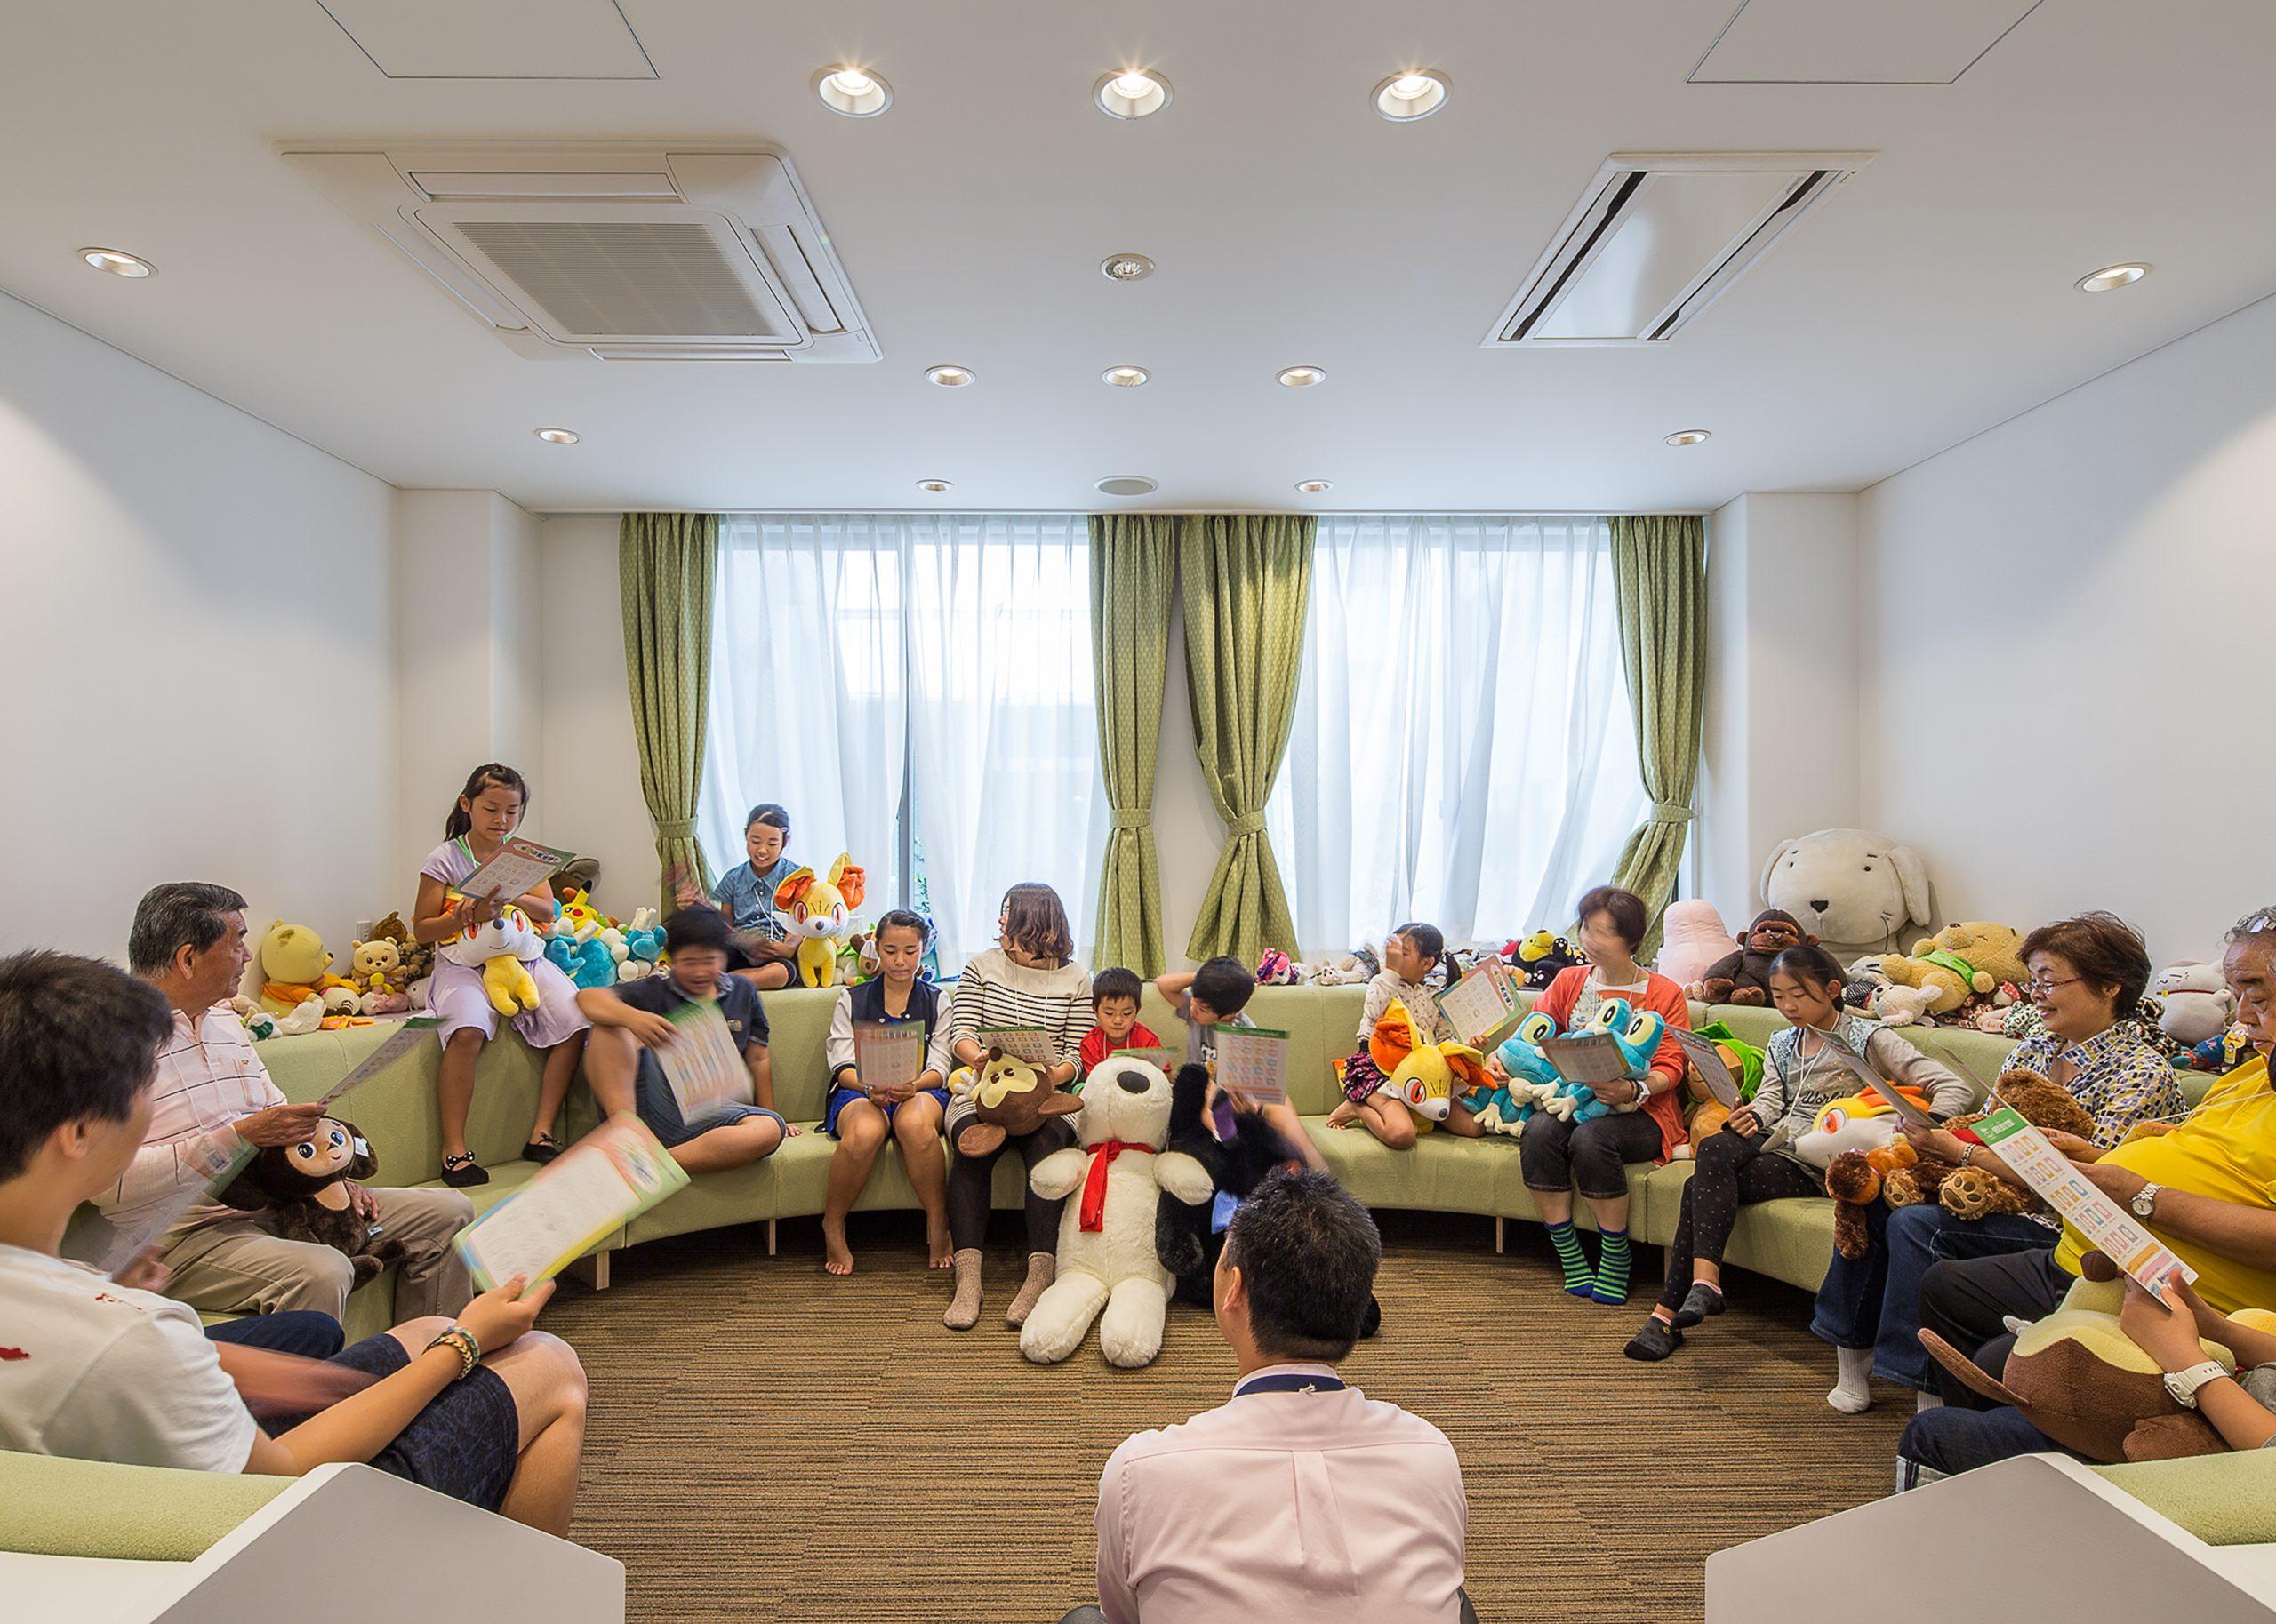 仙台レインボーハウスが 開催しているプログラム